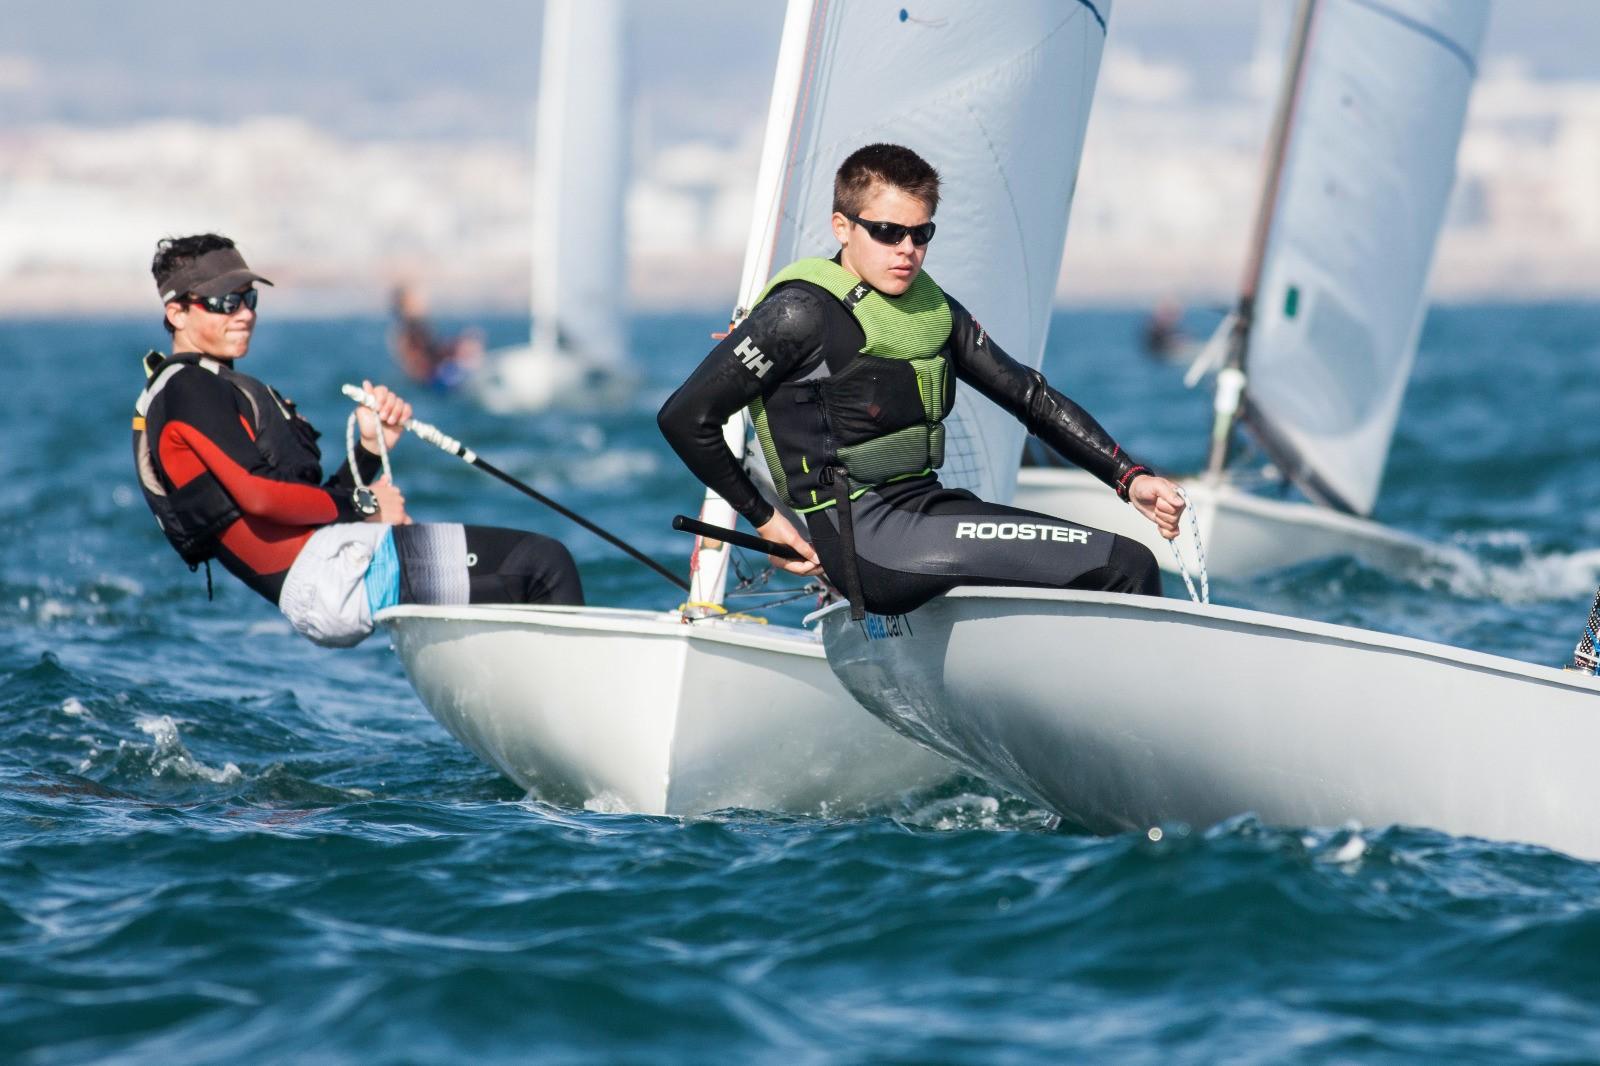 EUROPA i 420: CAMPIONAT DE CATALUNYA; 1,2,8 i 9 de febrer de 2020 al Club Nàutic Vilanova i la Geltrú - Vela -